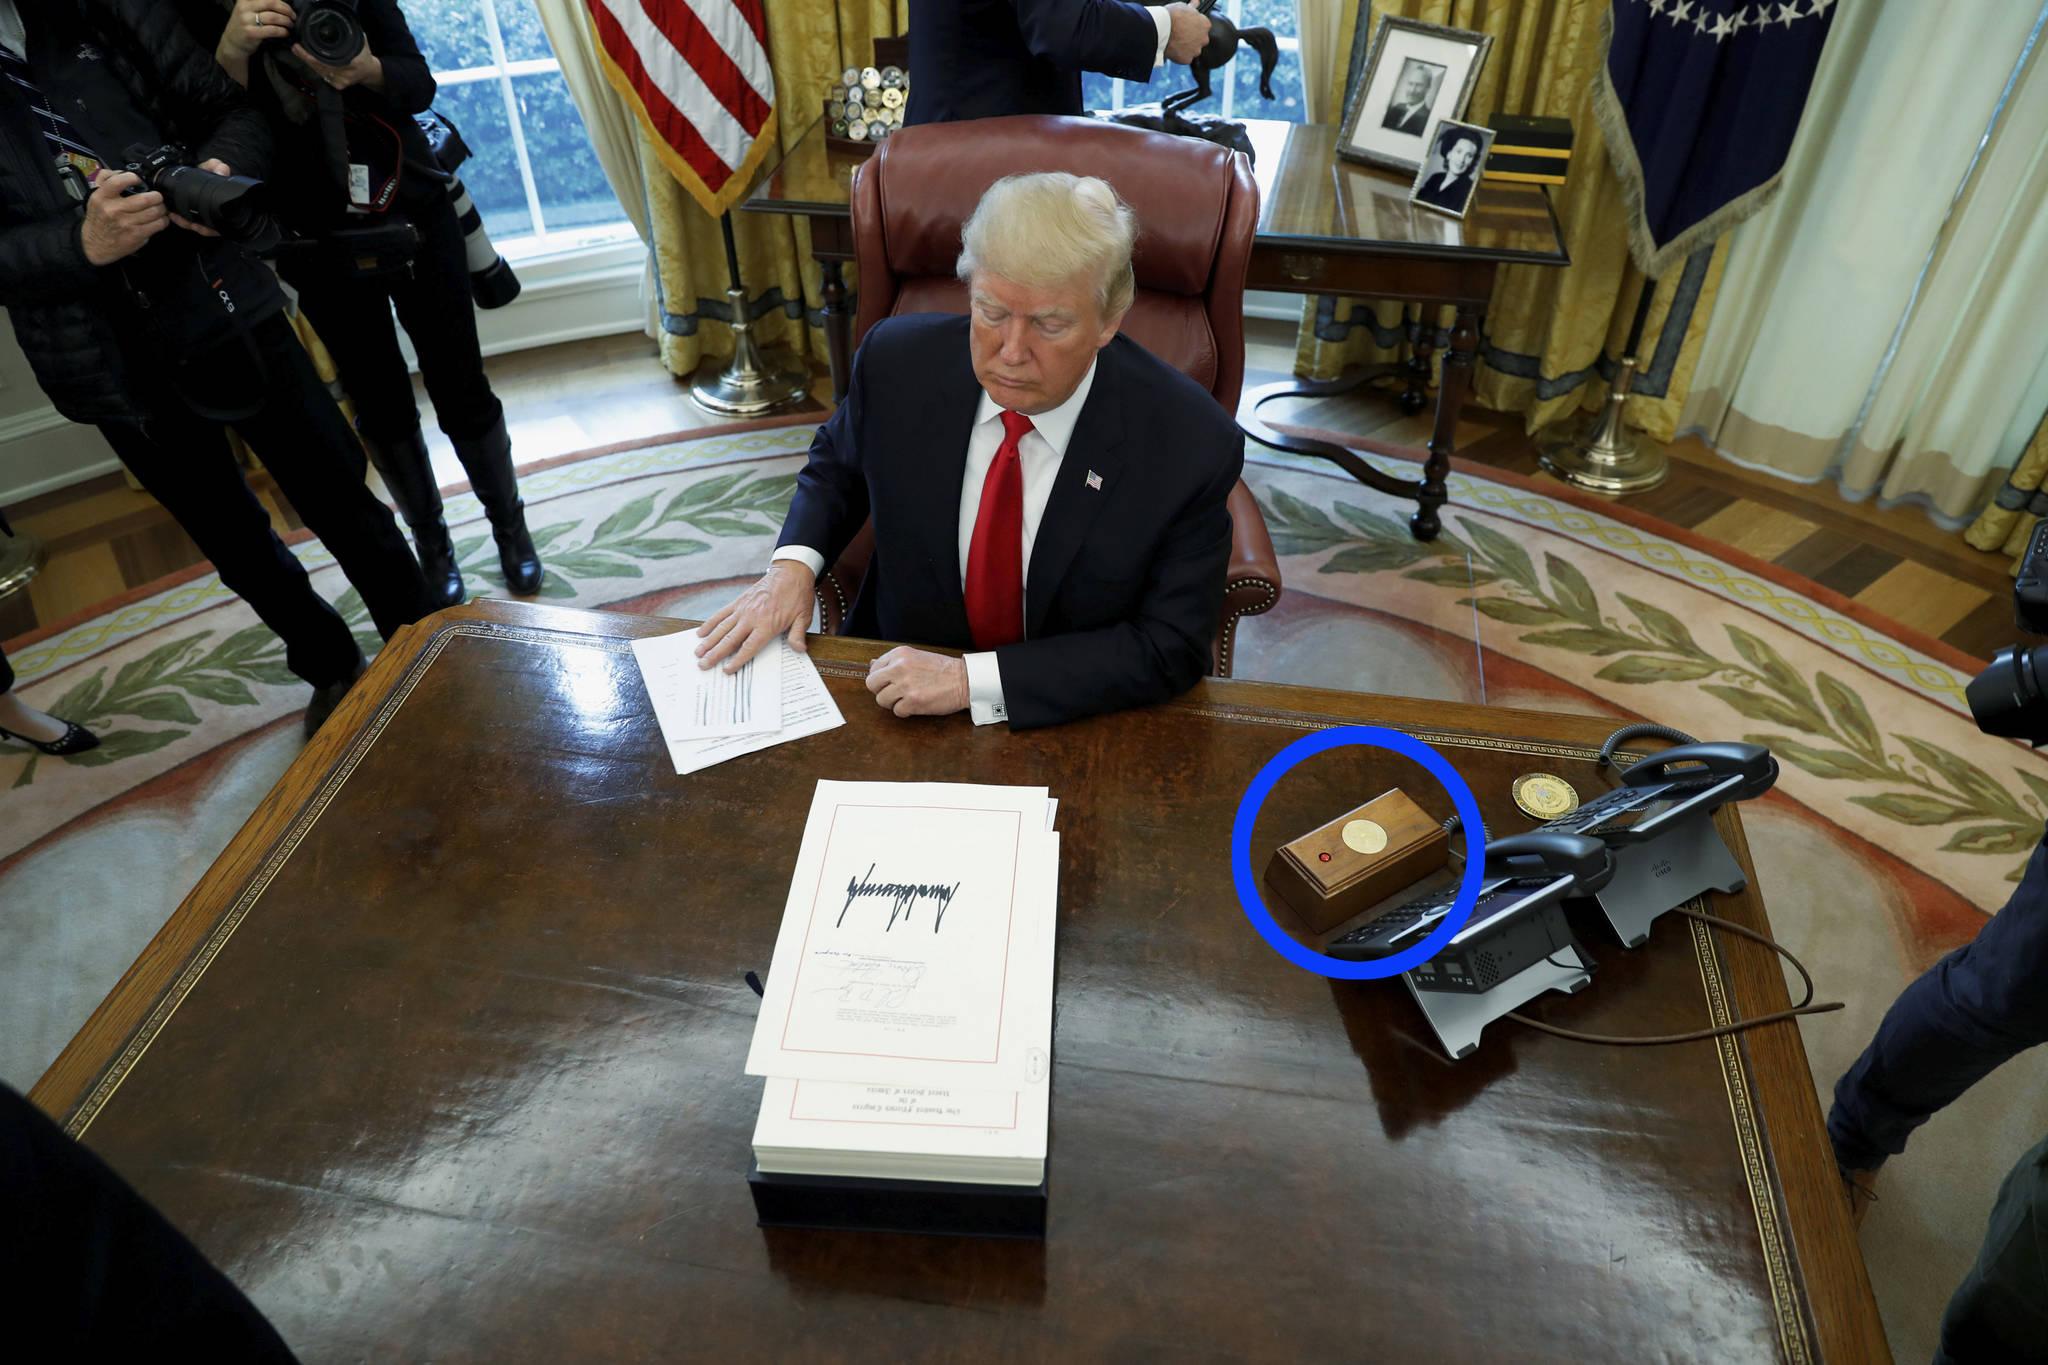 도널드 트럼프 미국 대통령이 지난해 12월 22일 대통령 집무실에서 종합적인 감세 정책에 사인하고 있다. 트럼프 대통령 오른쪽에 빨간 단추가 있는 조그마한 박스가 보인다. [로이터=연합뉴스]